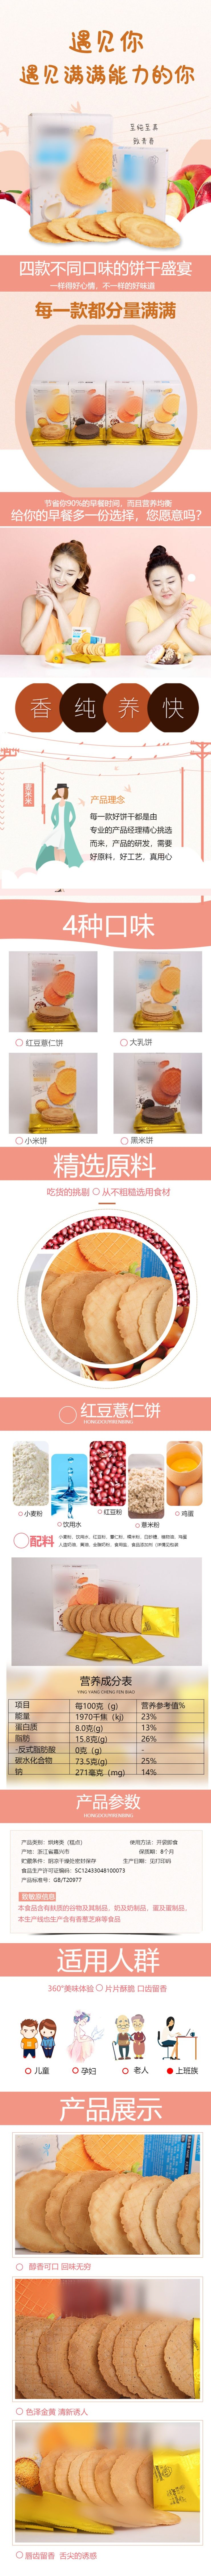 清新简约百货零售美食零食饼干促销电商详情页